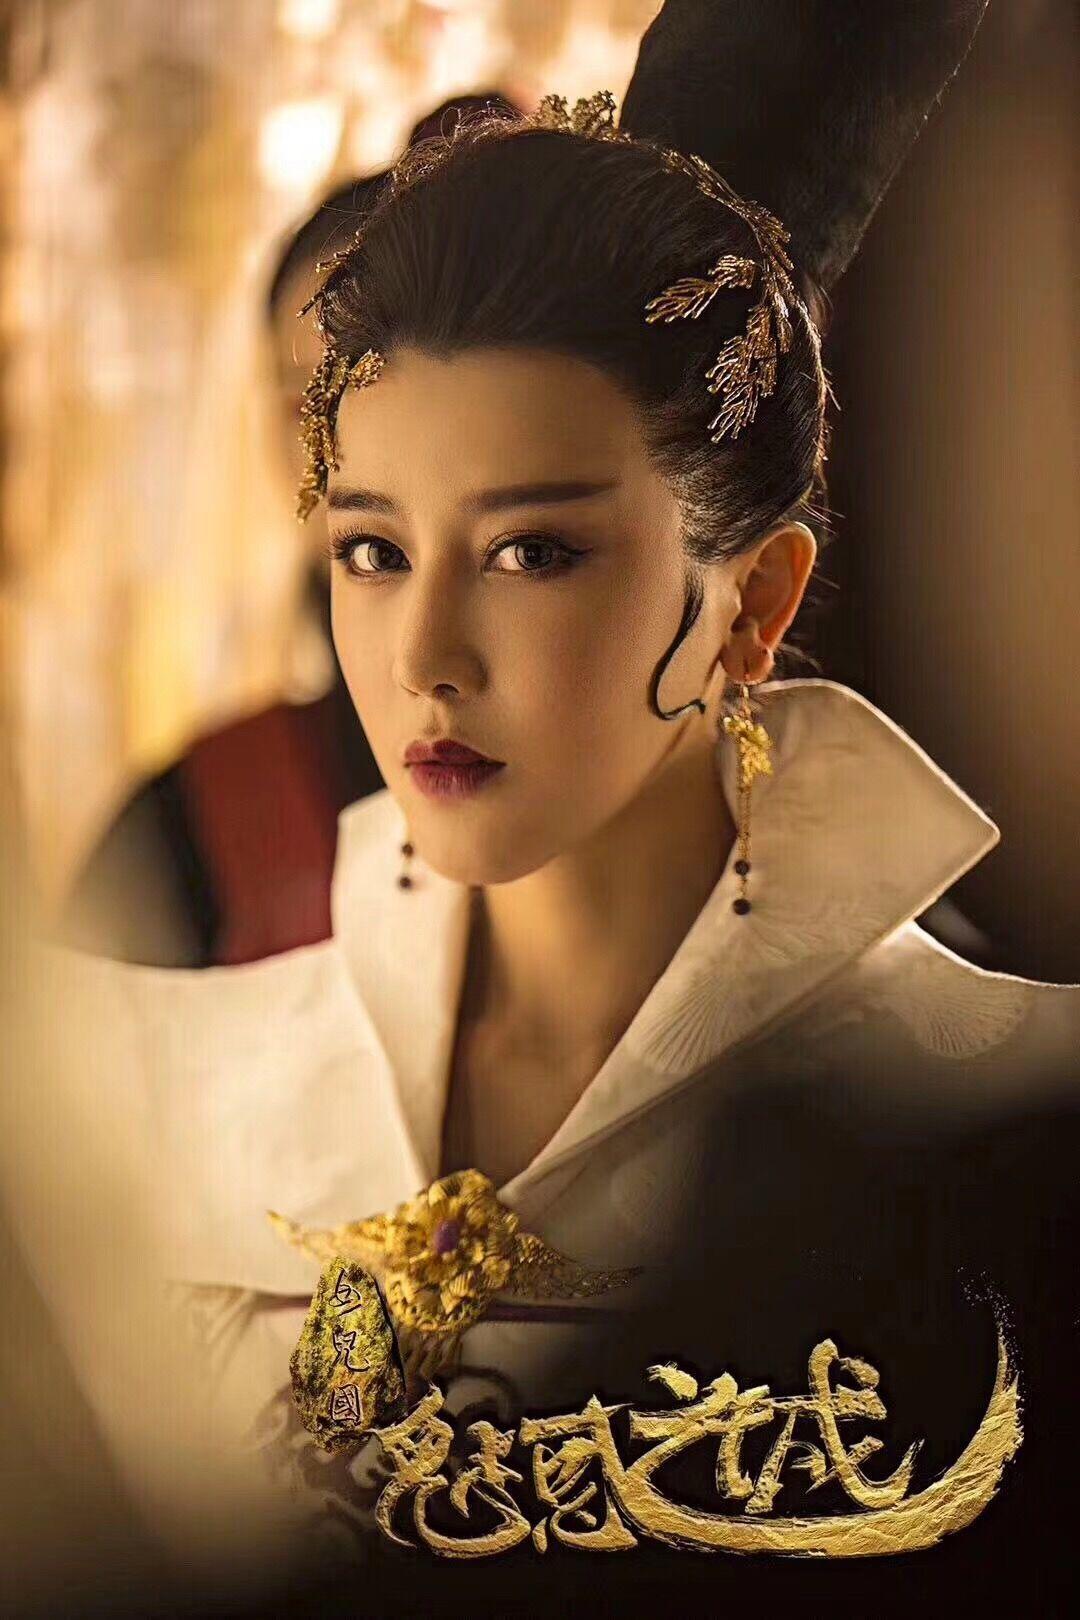 侍宣如亮相银川电影节黑色礼裙彰显优雅王珞丹气质